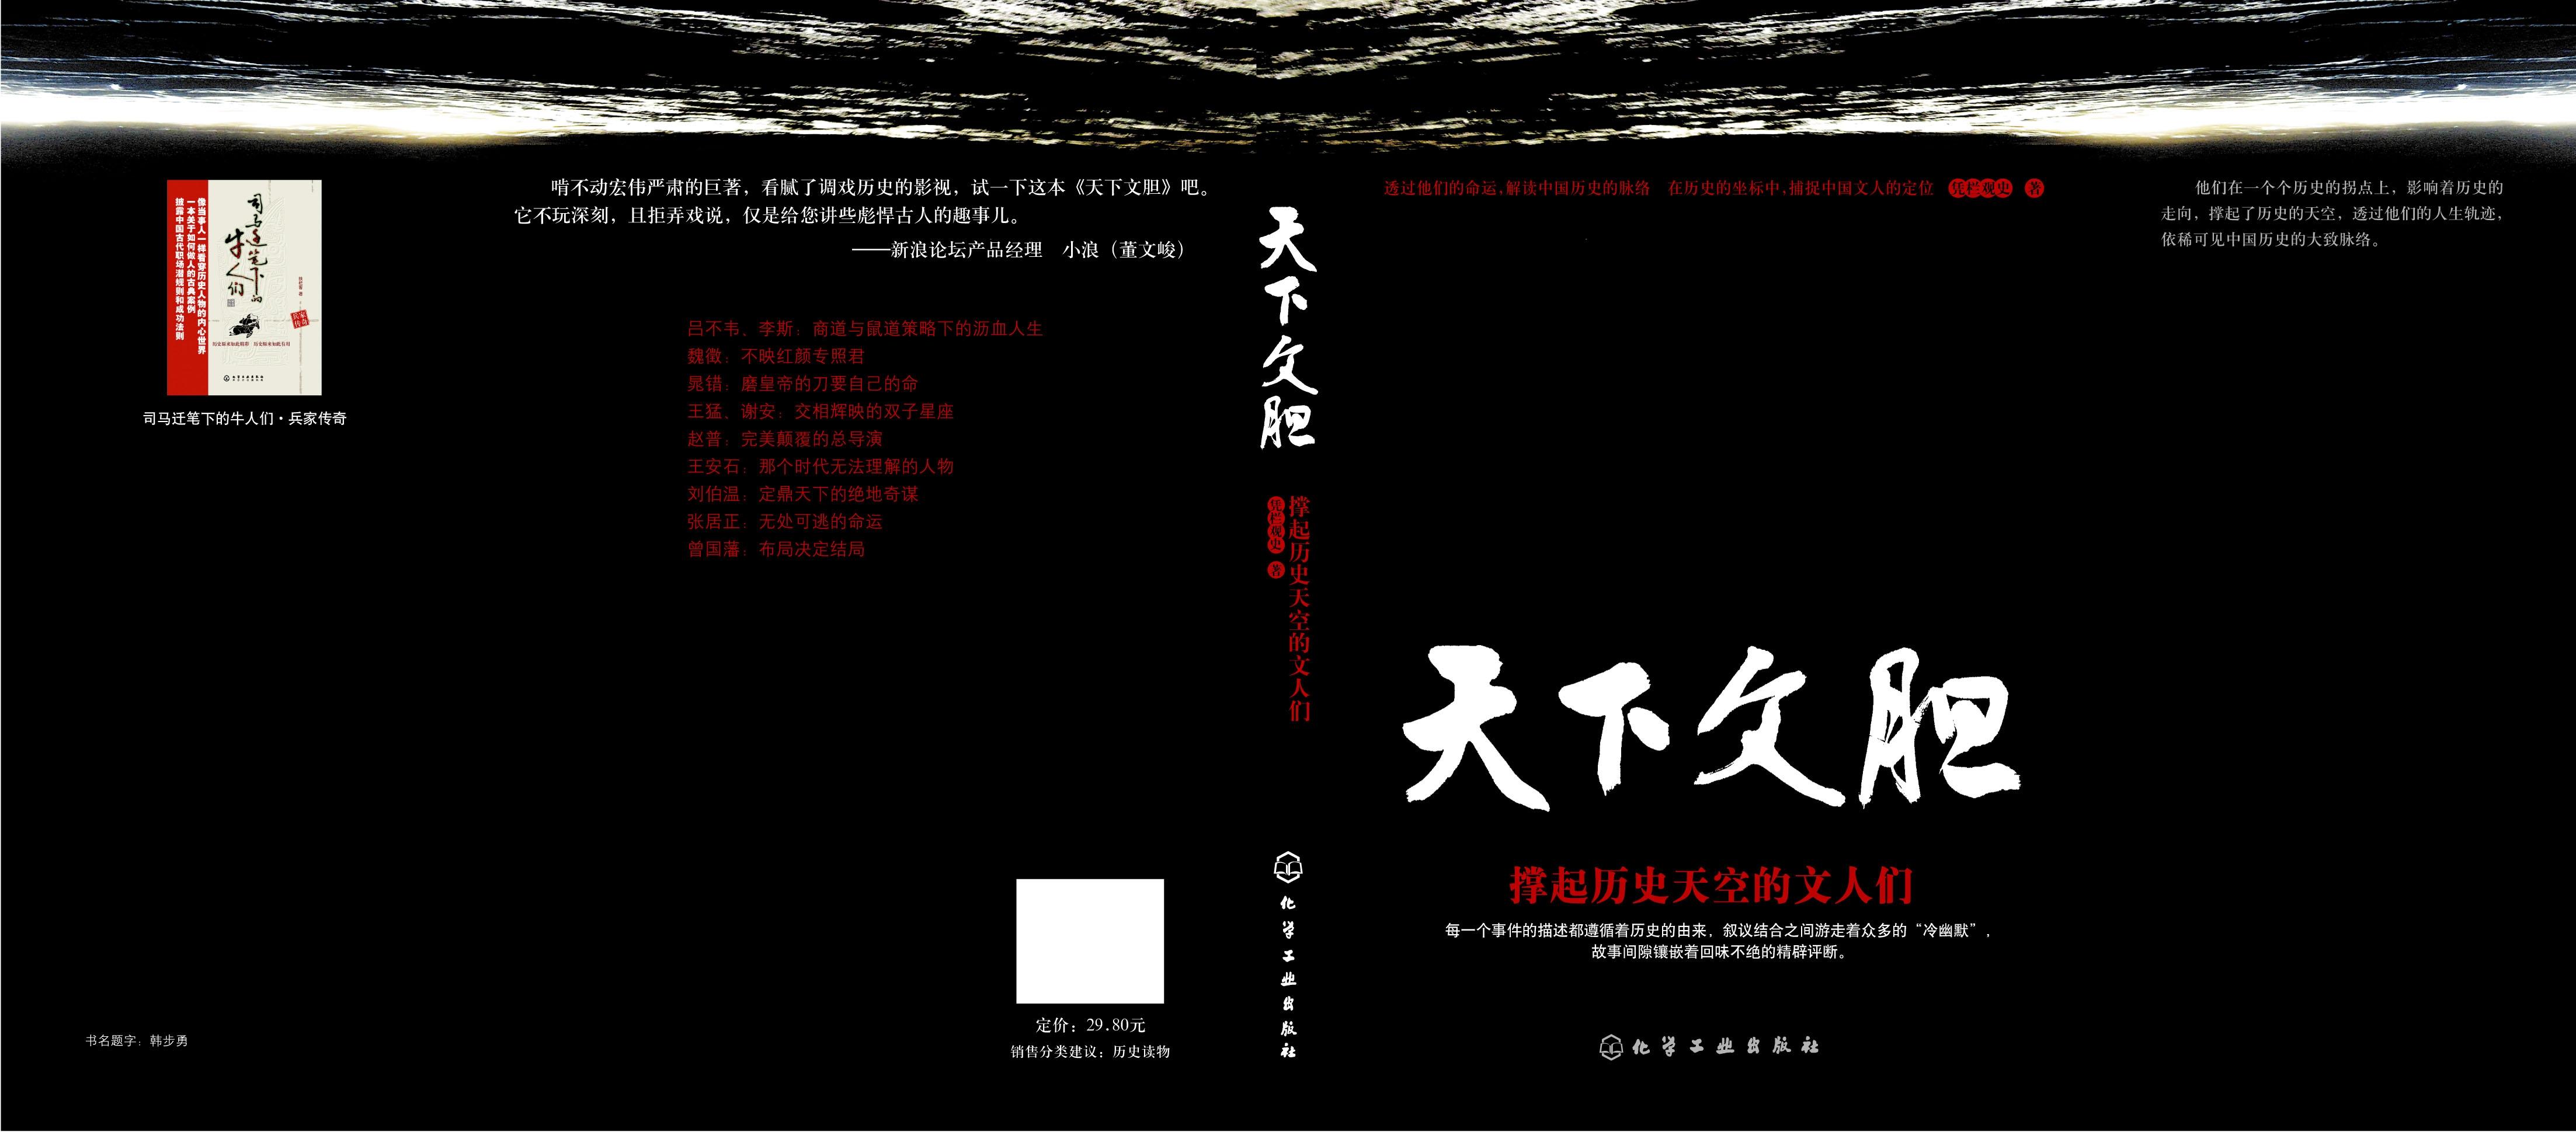 http://club.history.sina.com.cn/slide.php?tid=932789#p=4